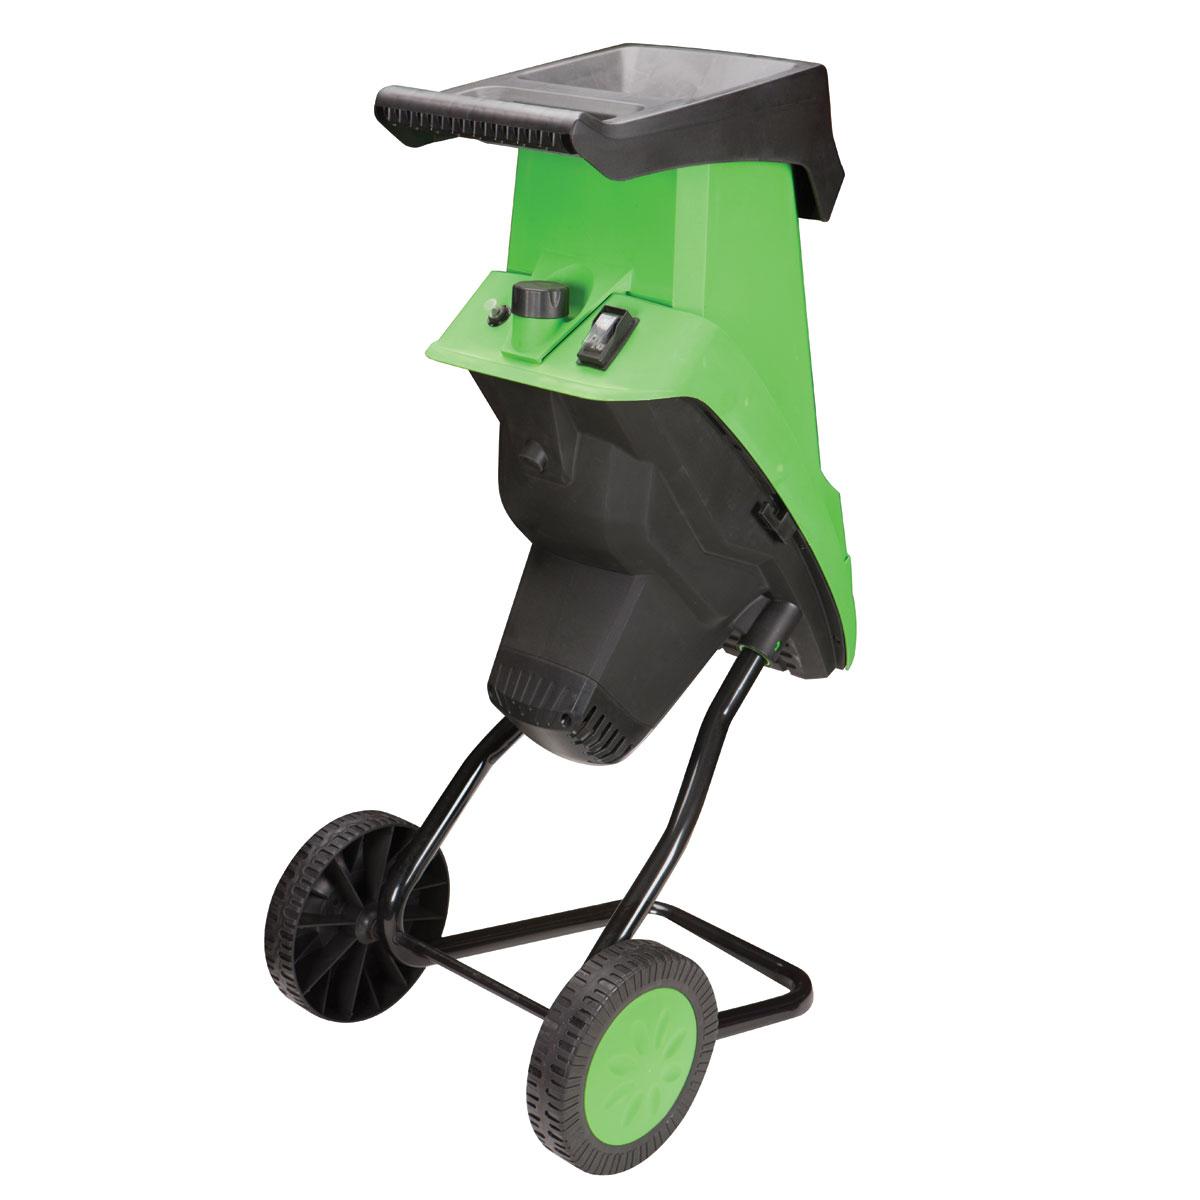 Yard Chipper Shredder